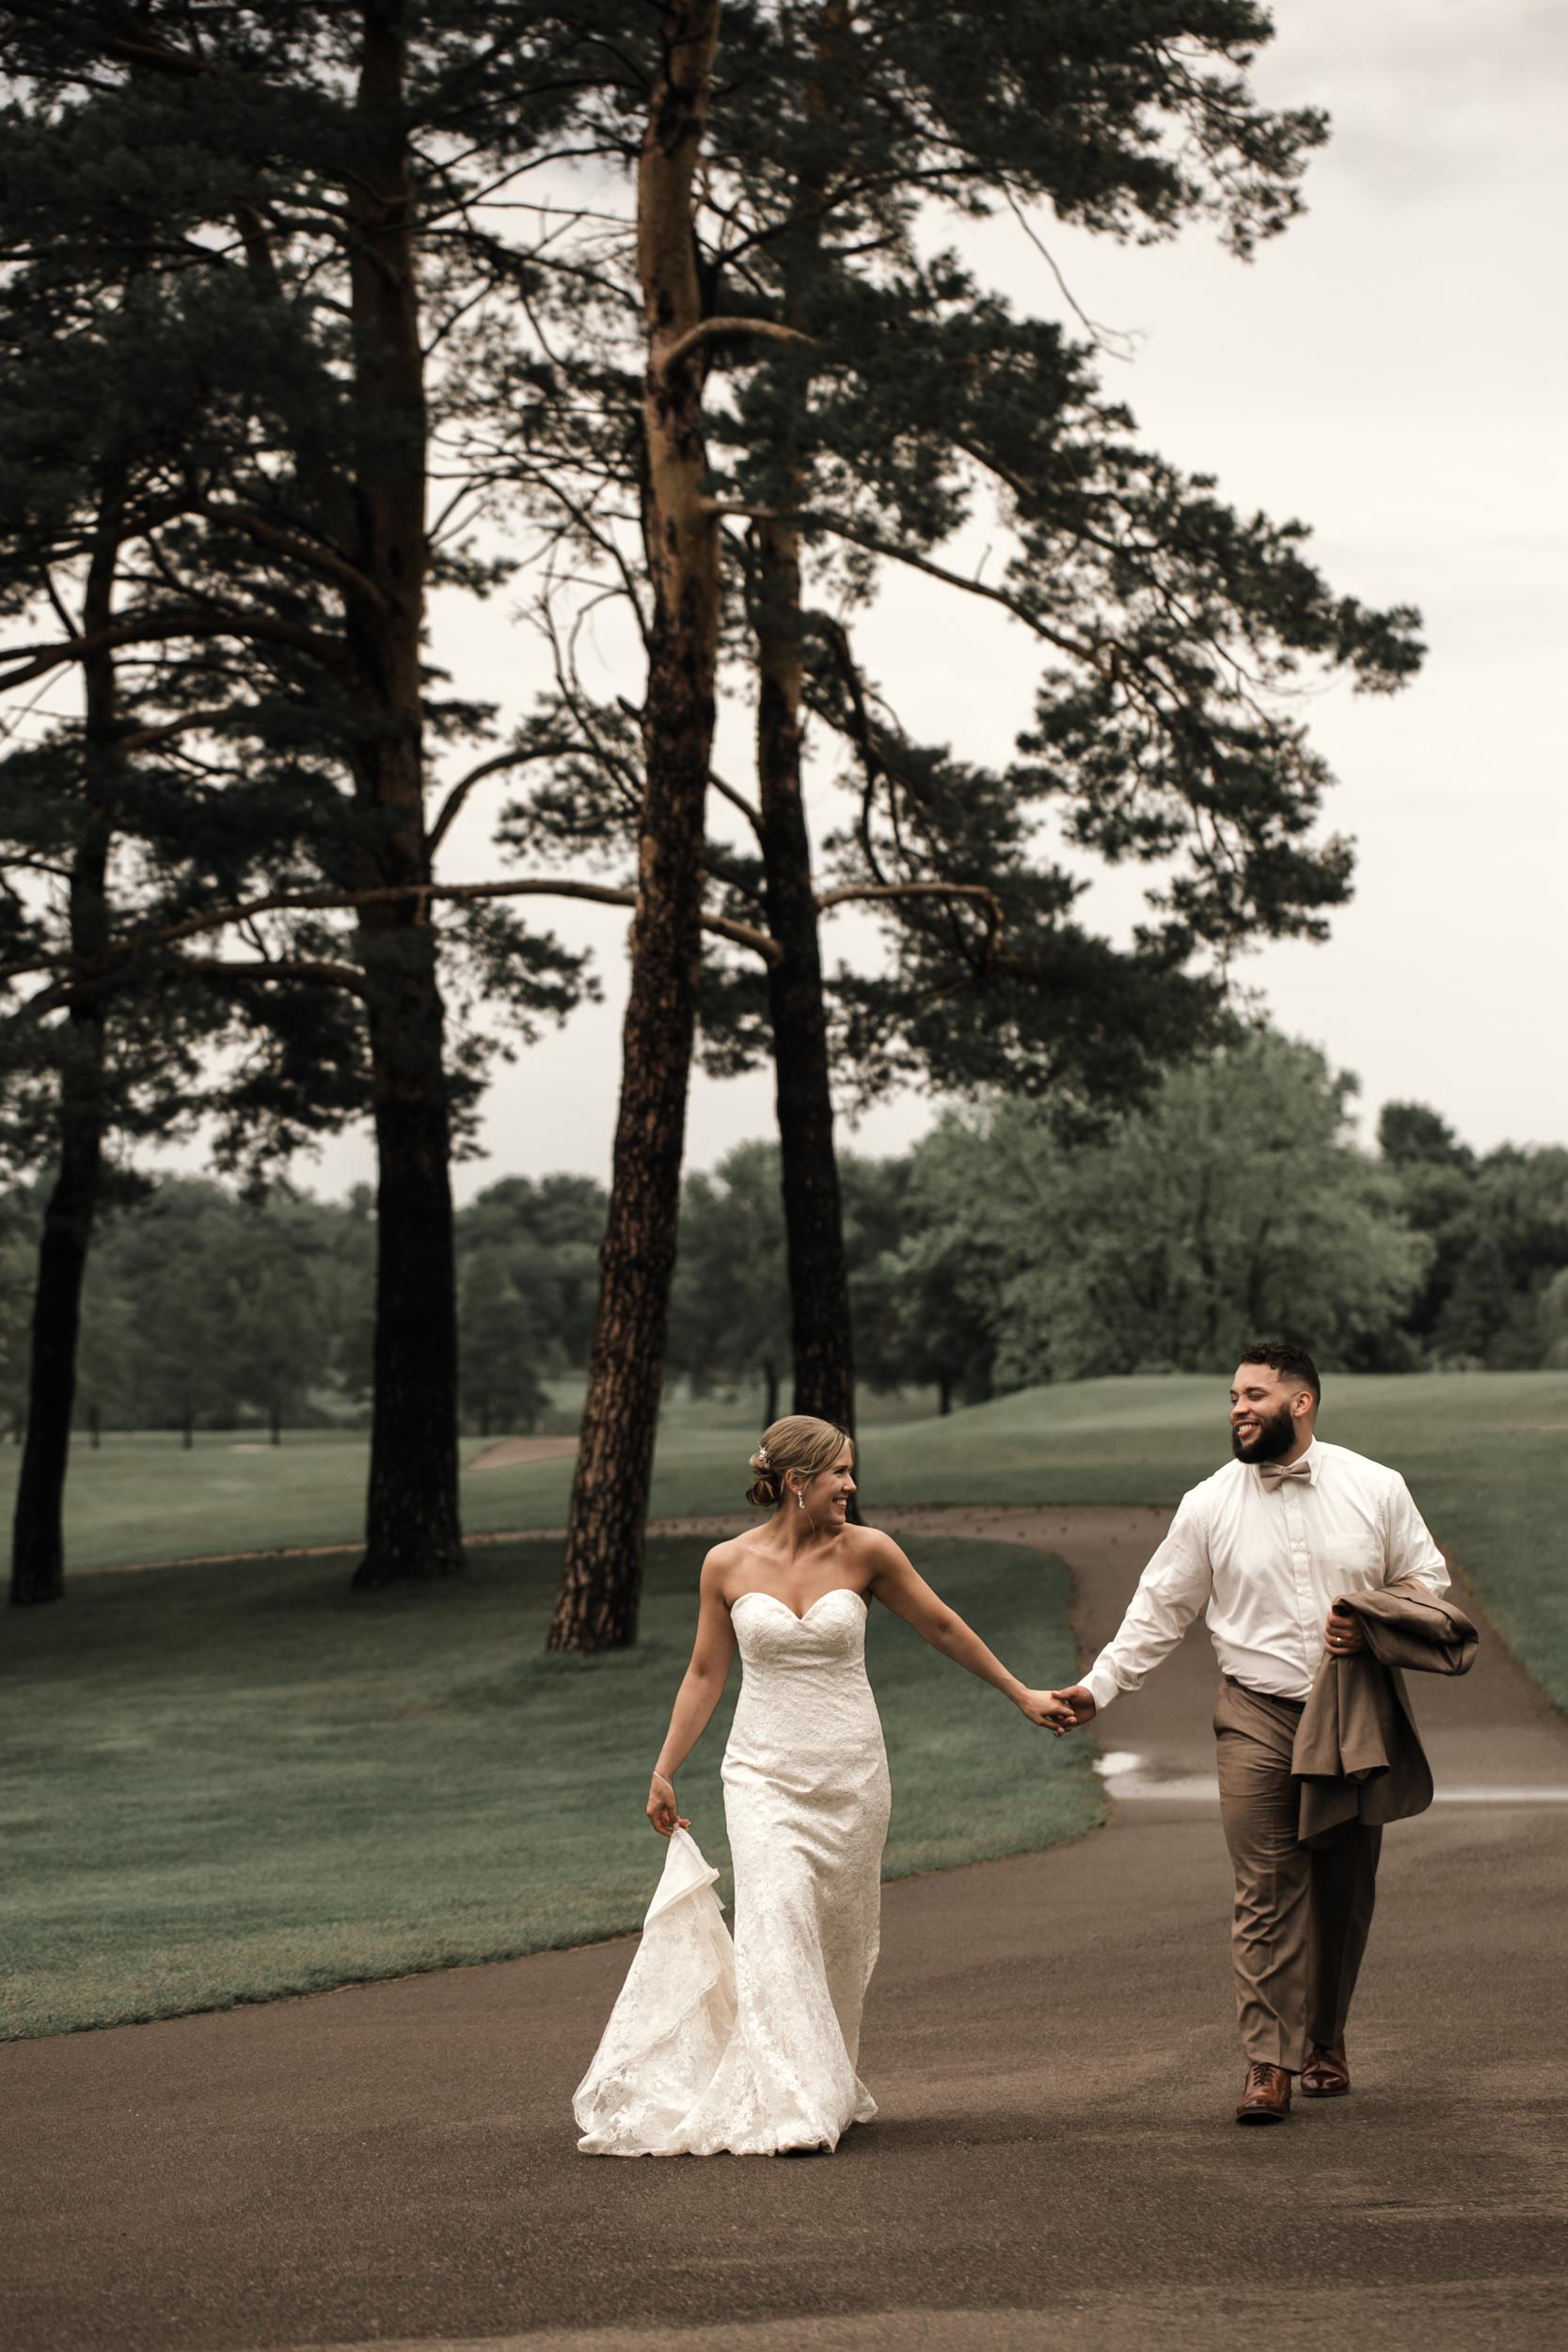 dellwood country club wedding*, Dellwood Country Club*, golf course wedding*, green golf course*, rose pink wedding details*-www.rachelsmak.com18.jpg